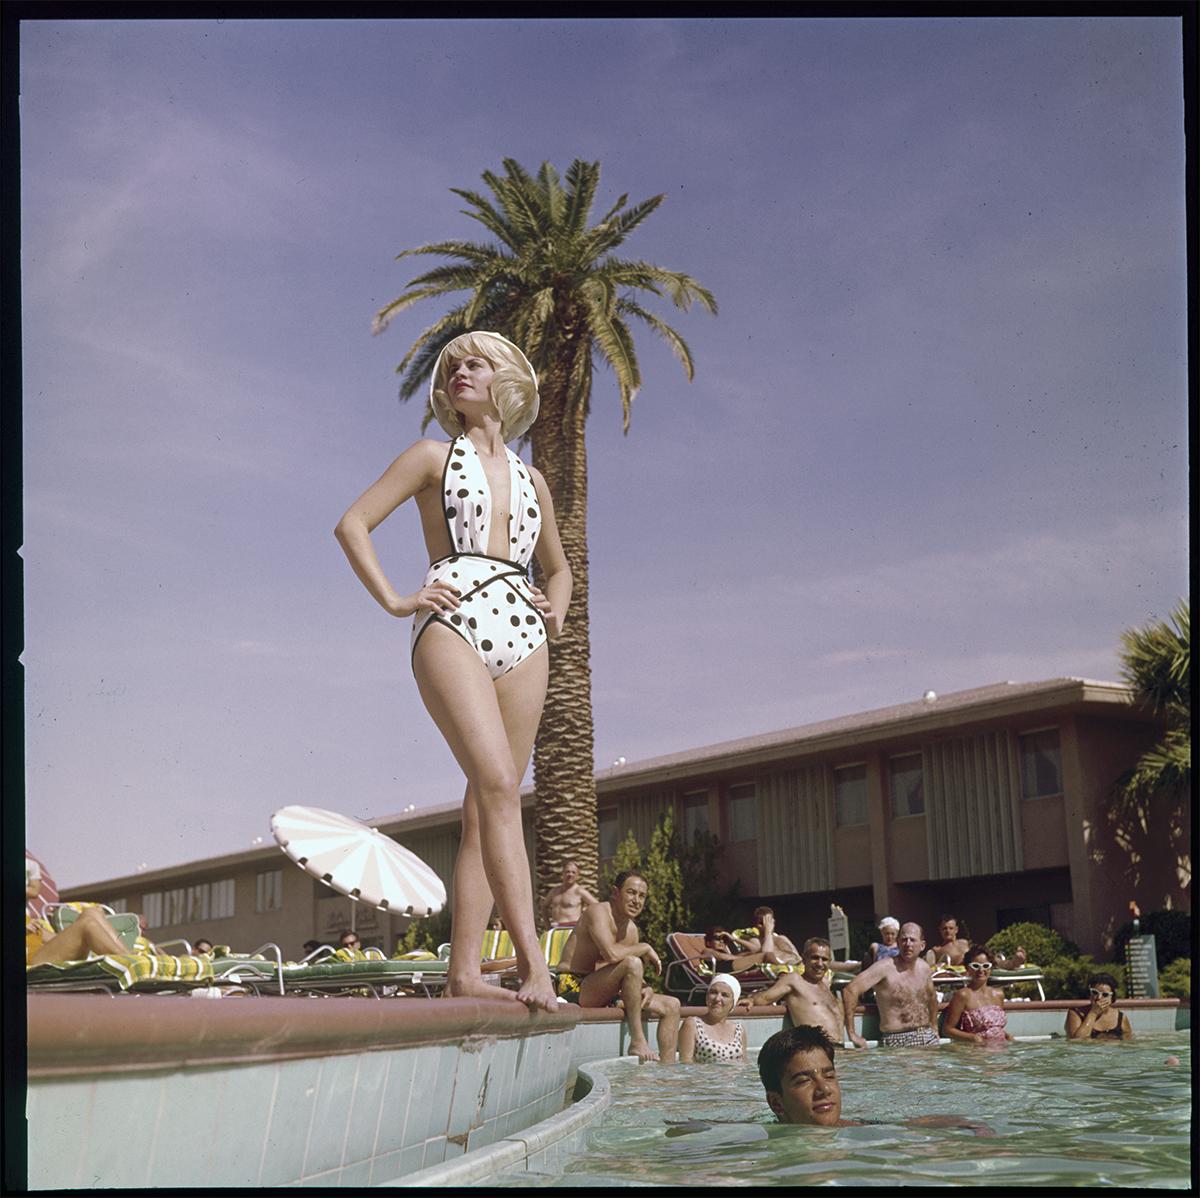 1950's poolside model